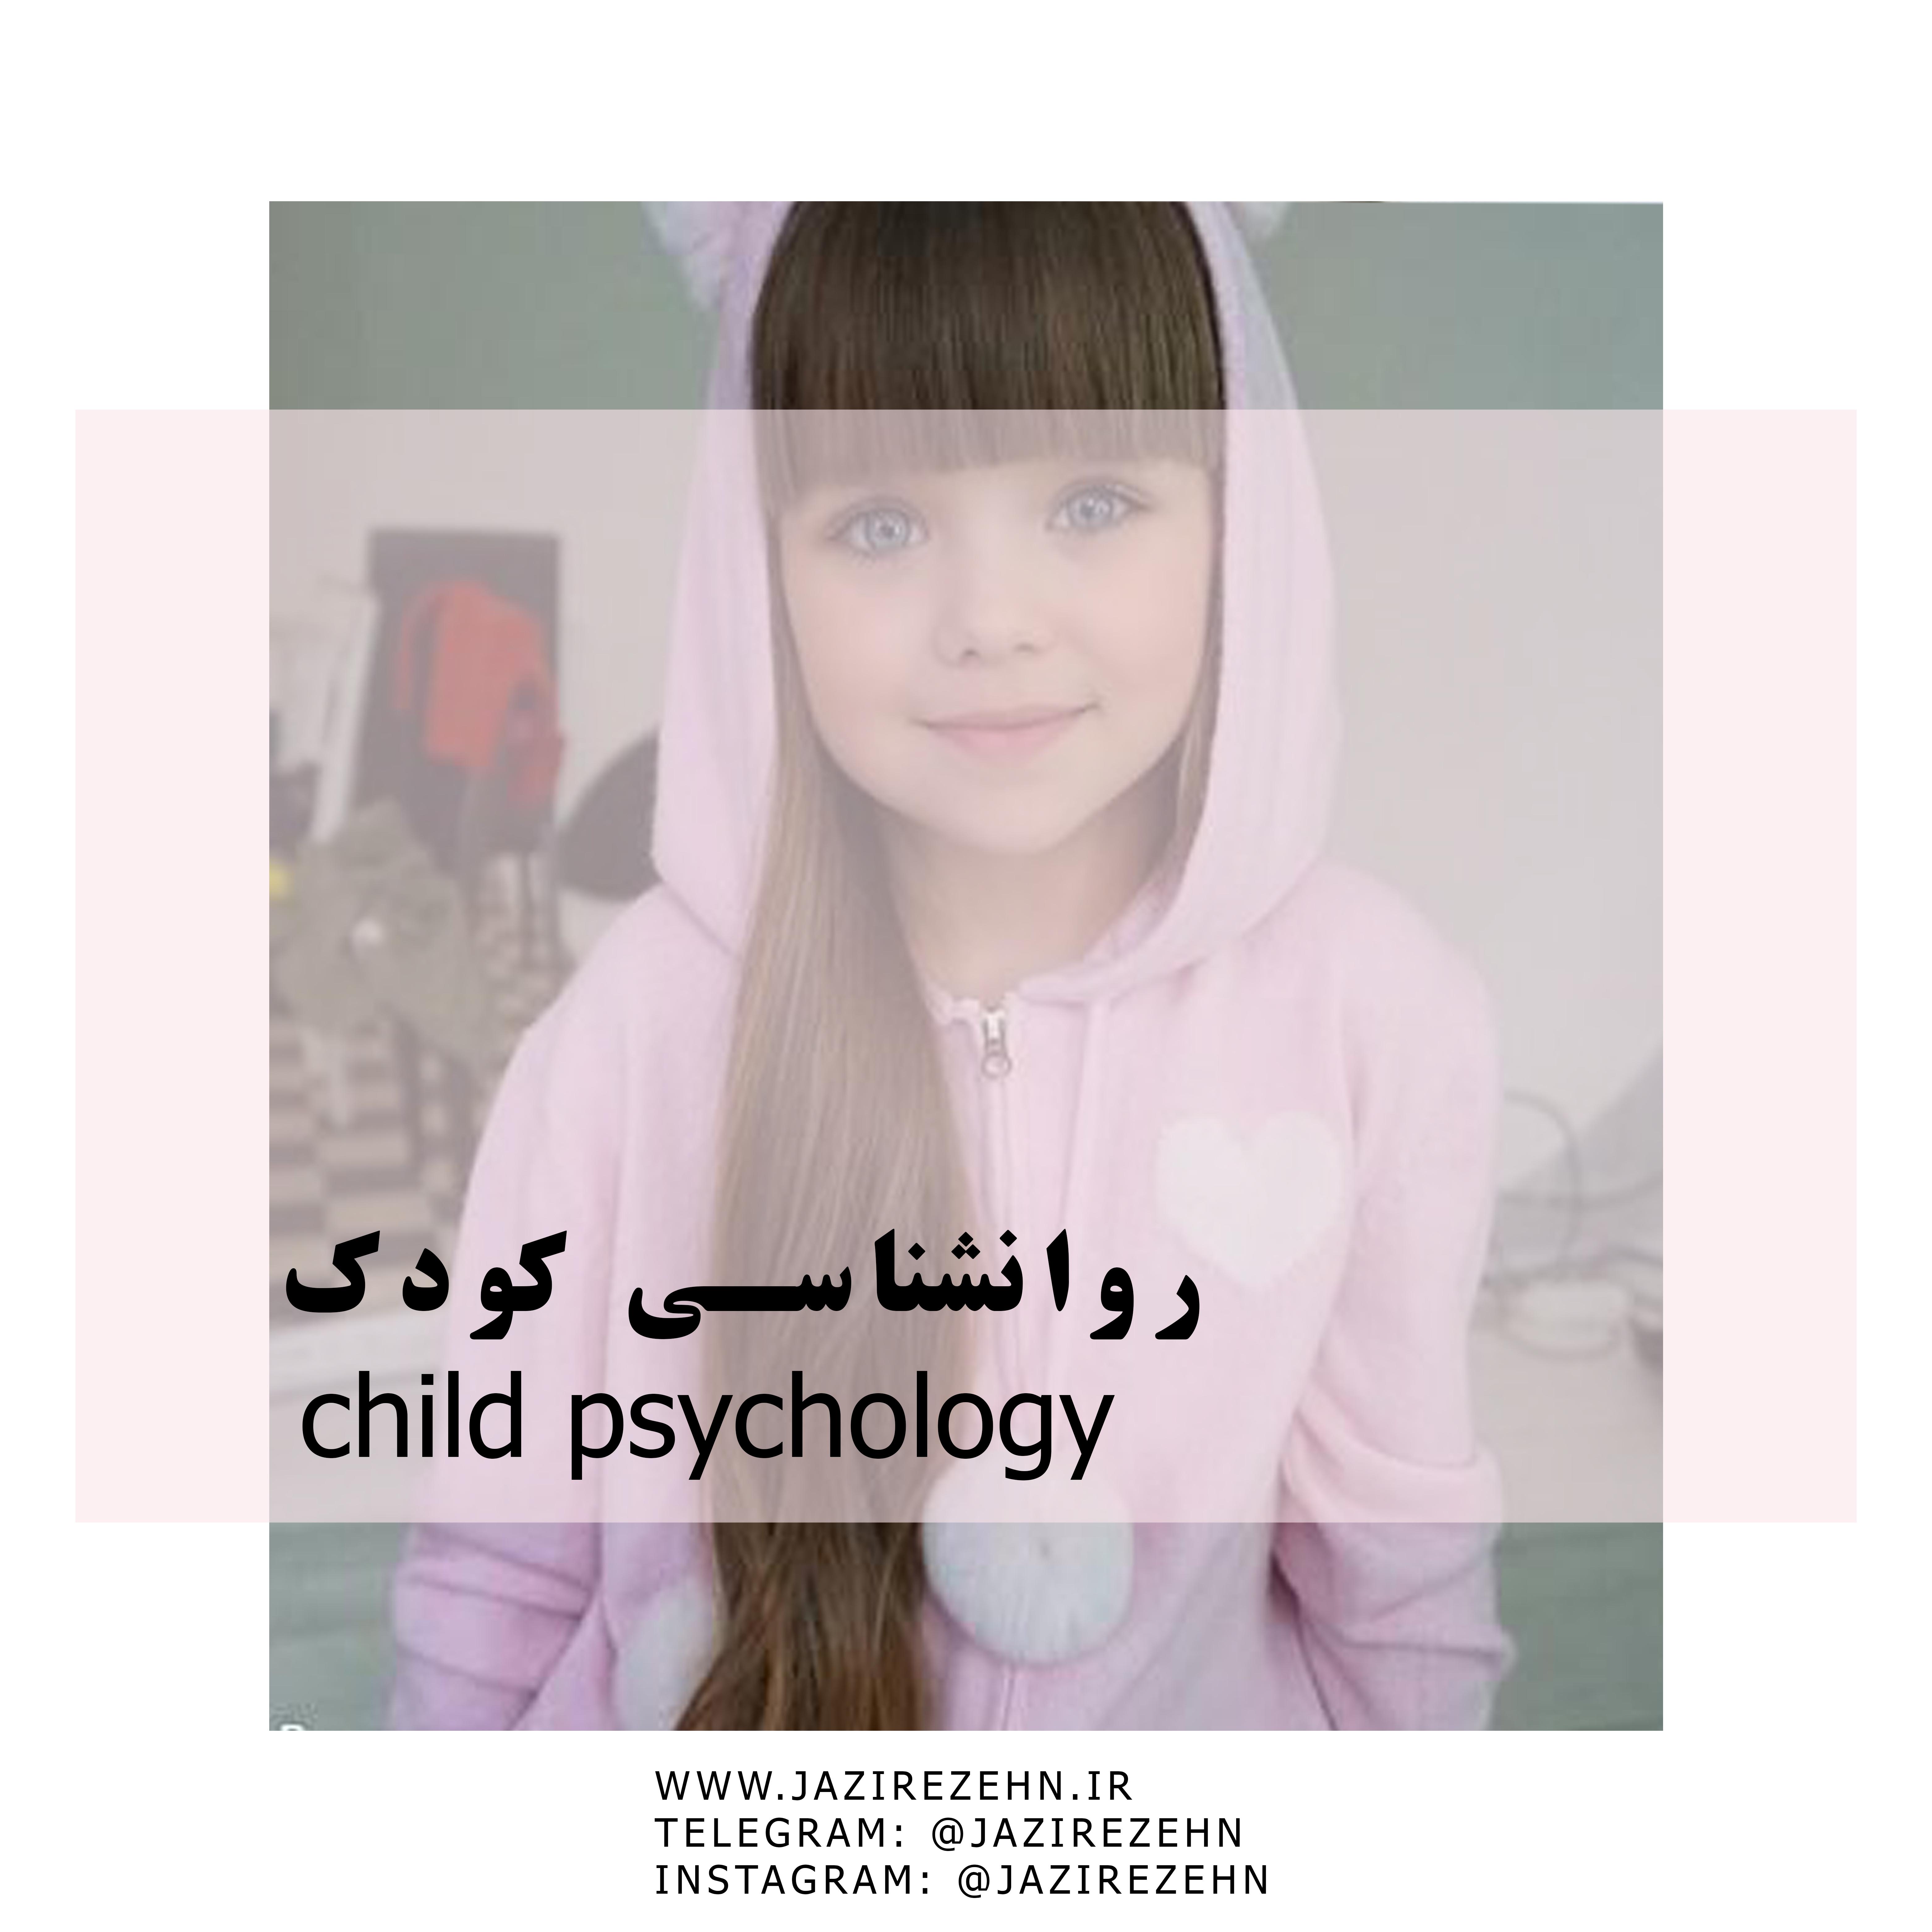 روانشناسی کودک| فرزندپروری طبق اصول روانشناسی|یافتن راه حل توسط کودک| مائده امین رعایا| جزیره ذهن